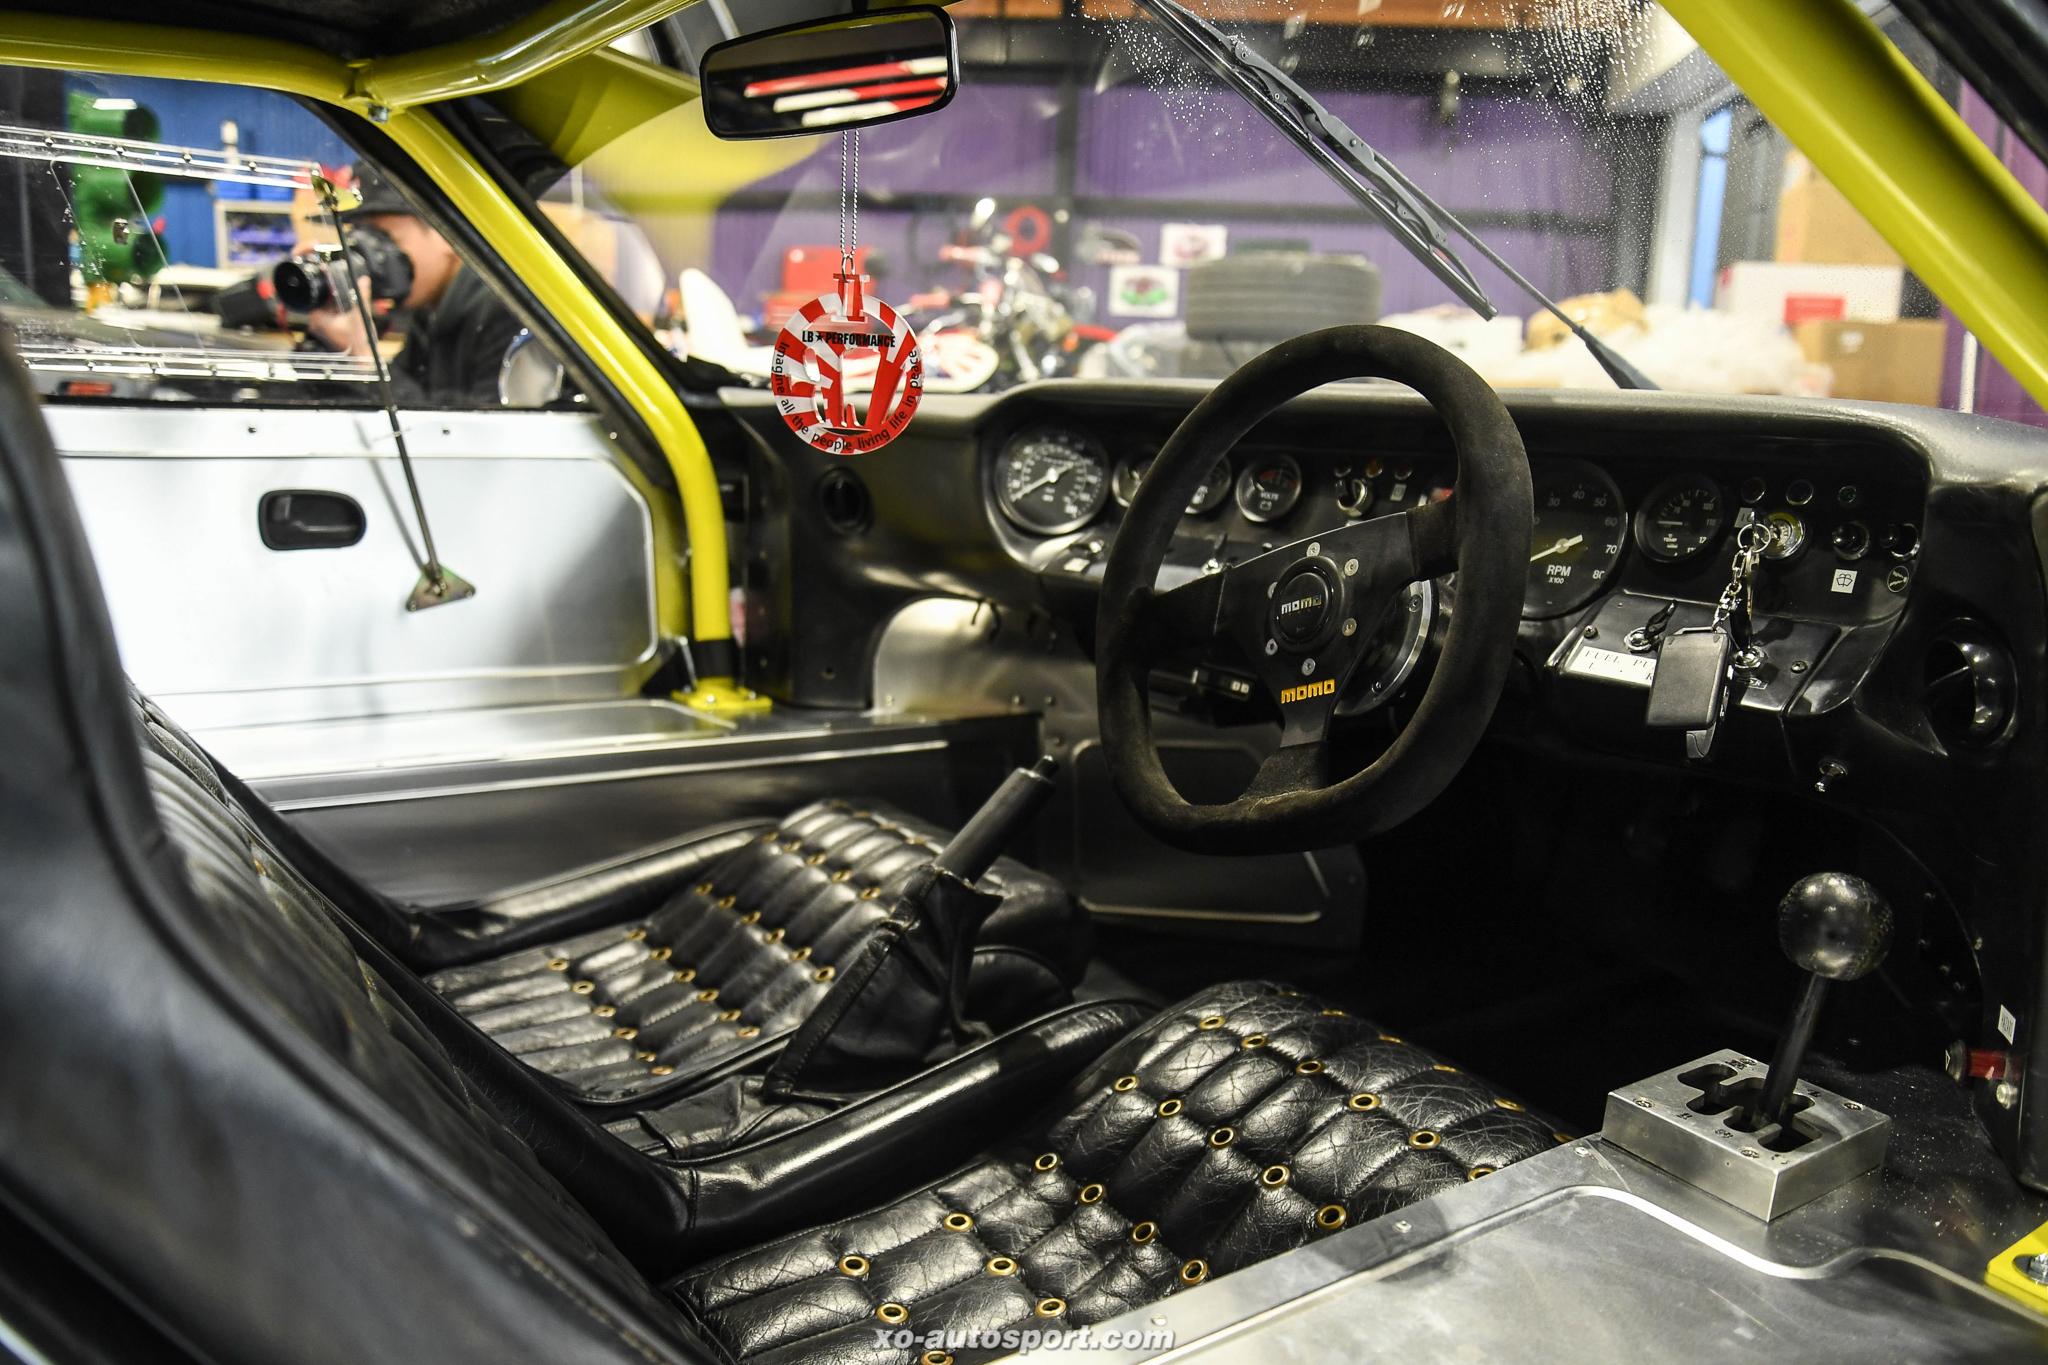 LB WORKS LAMBORGHINI MIURA Replica from FORD GT40 16